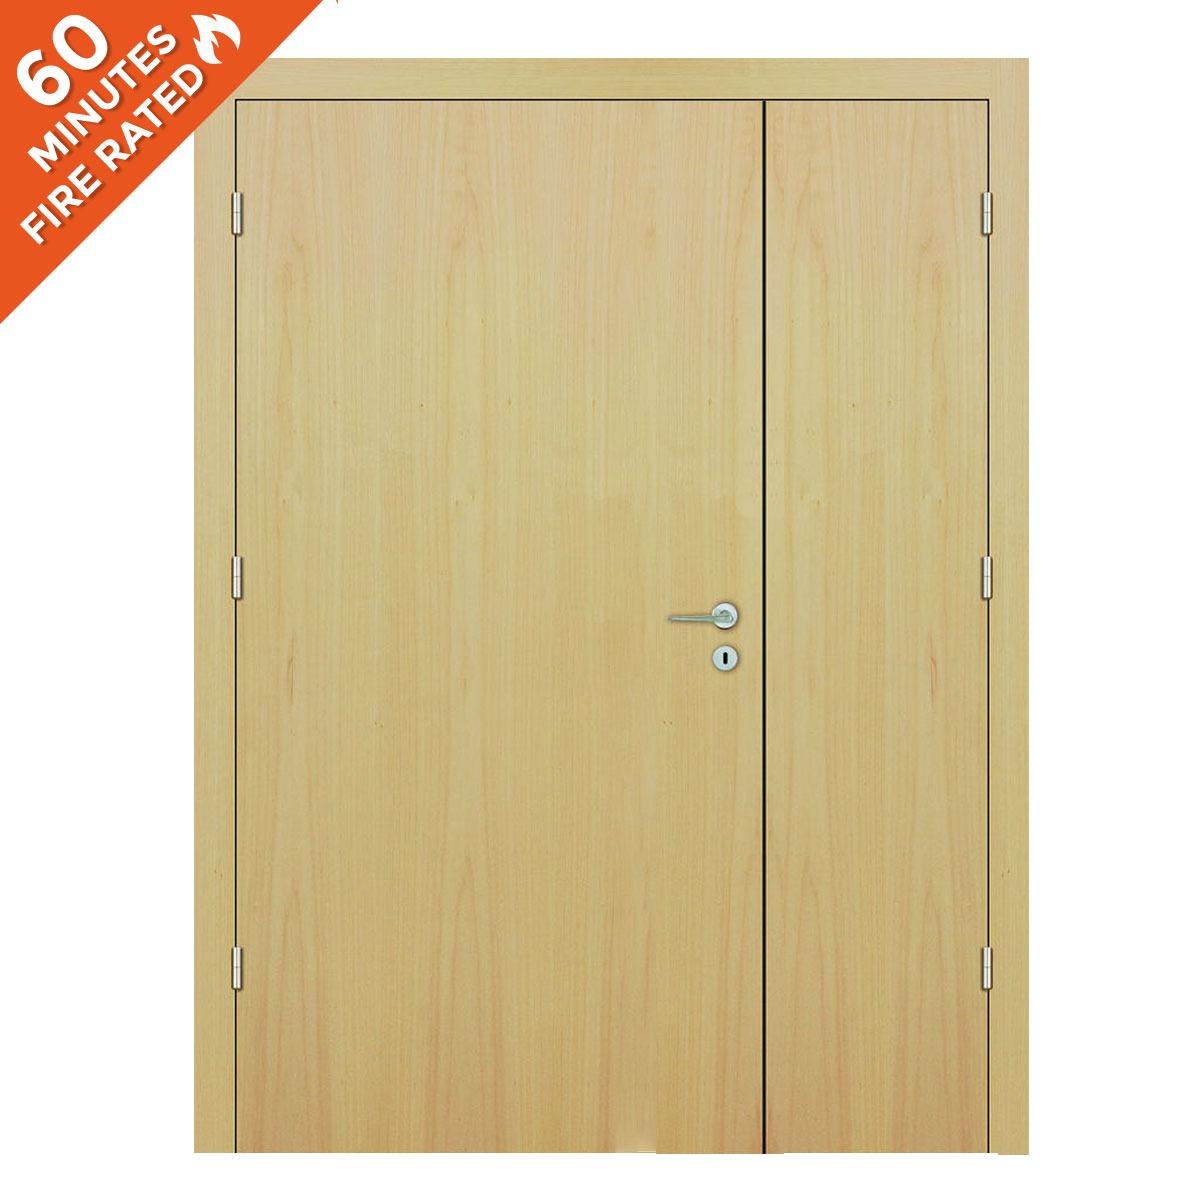 Maple Hospital Door FD60